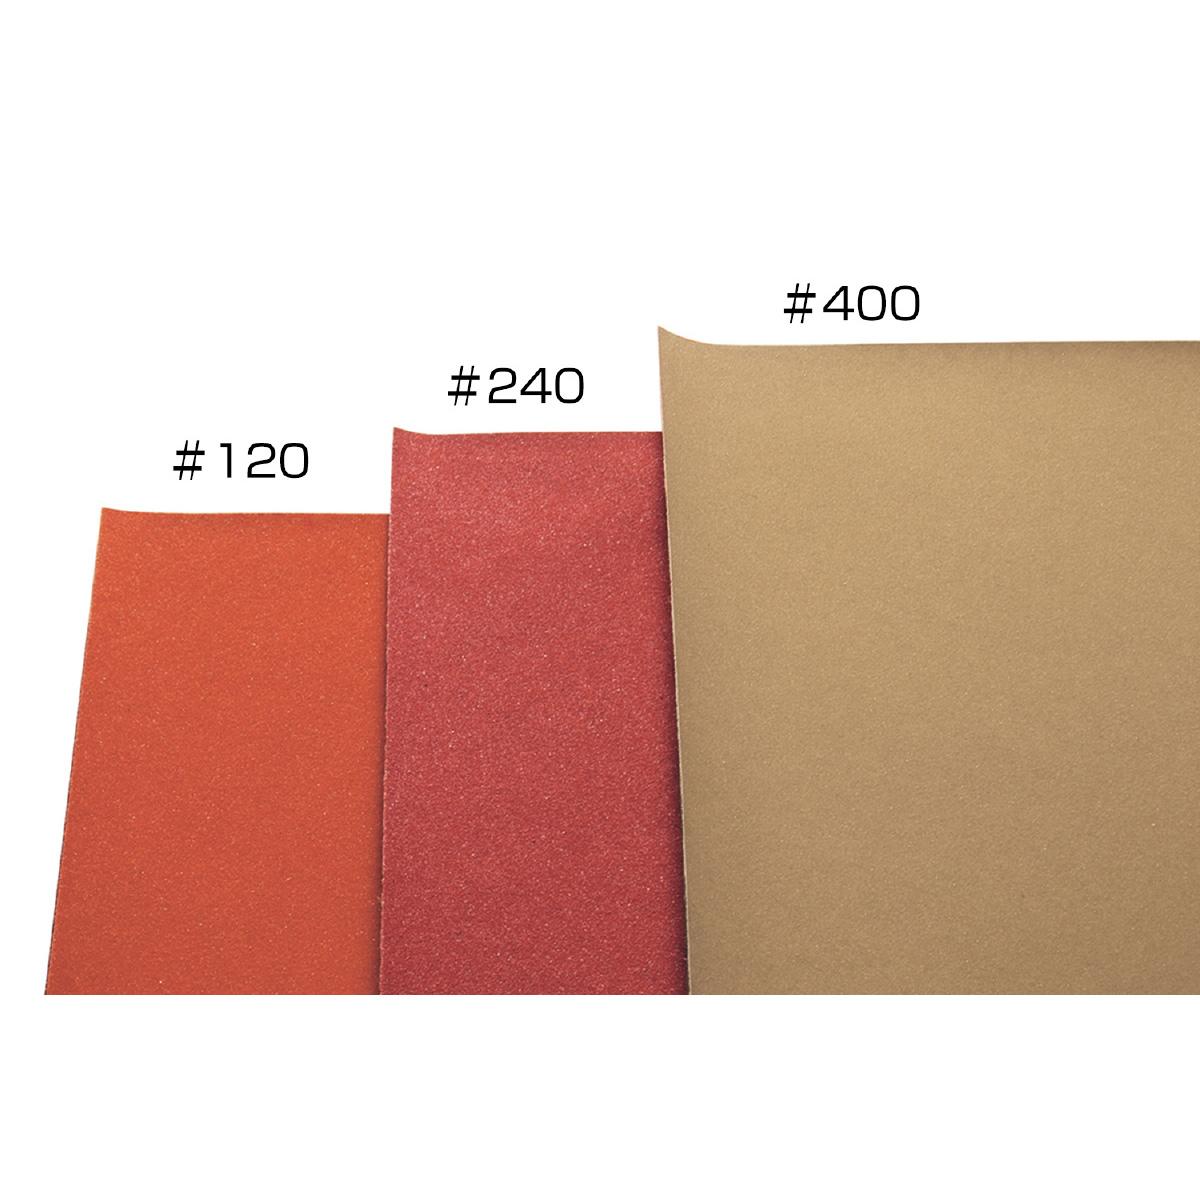 サンドペーパー#240 細目 10枚組 紙やすり 画材 図工 工作 美術 小学生 中学生